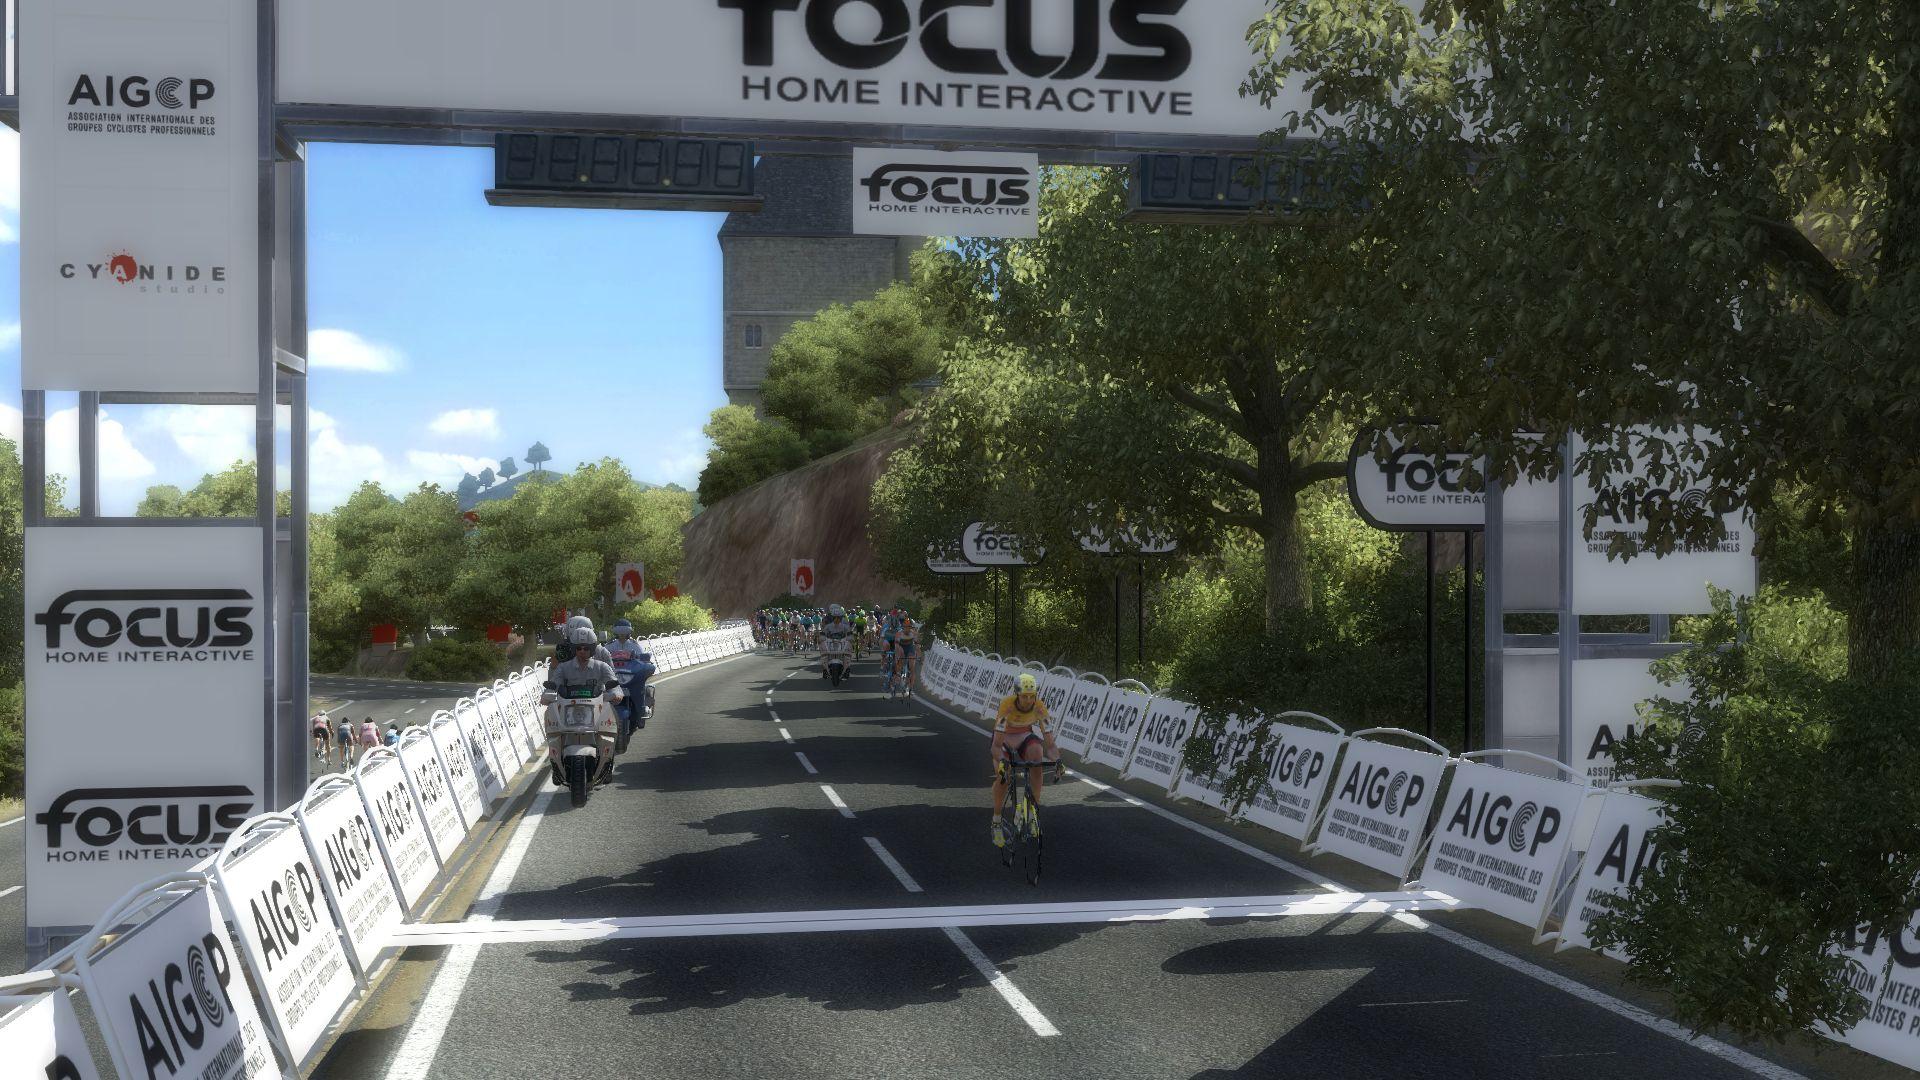 pcmdaily.com/images/mg/2019/Races/PT/Badaling/mg19_bad_10.jpg